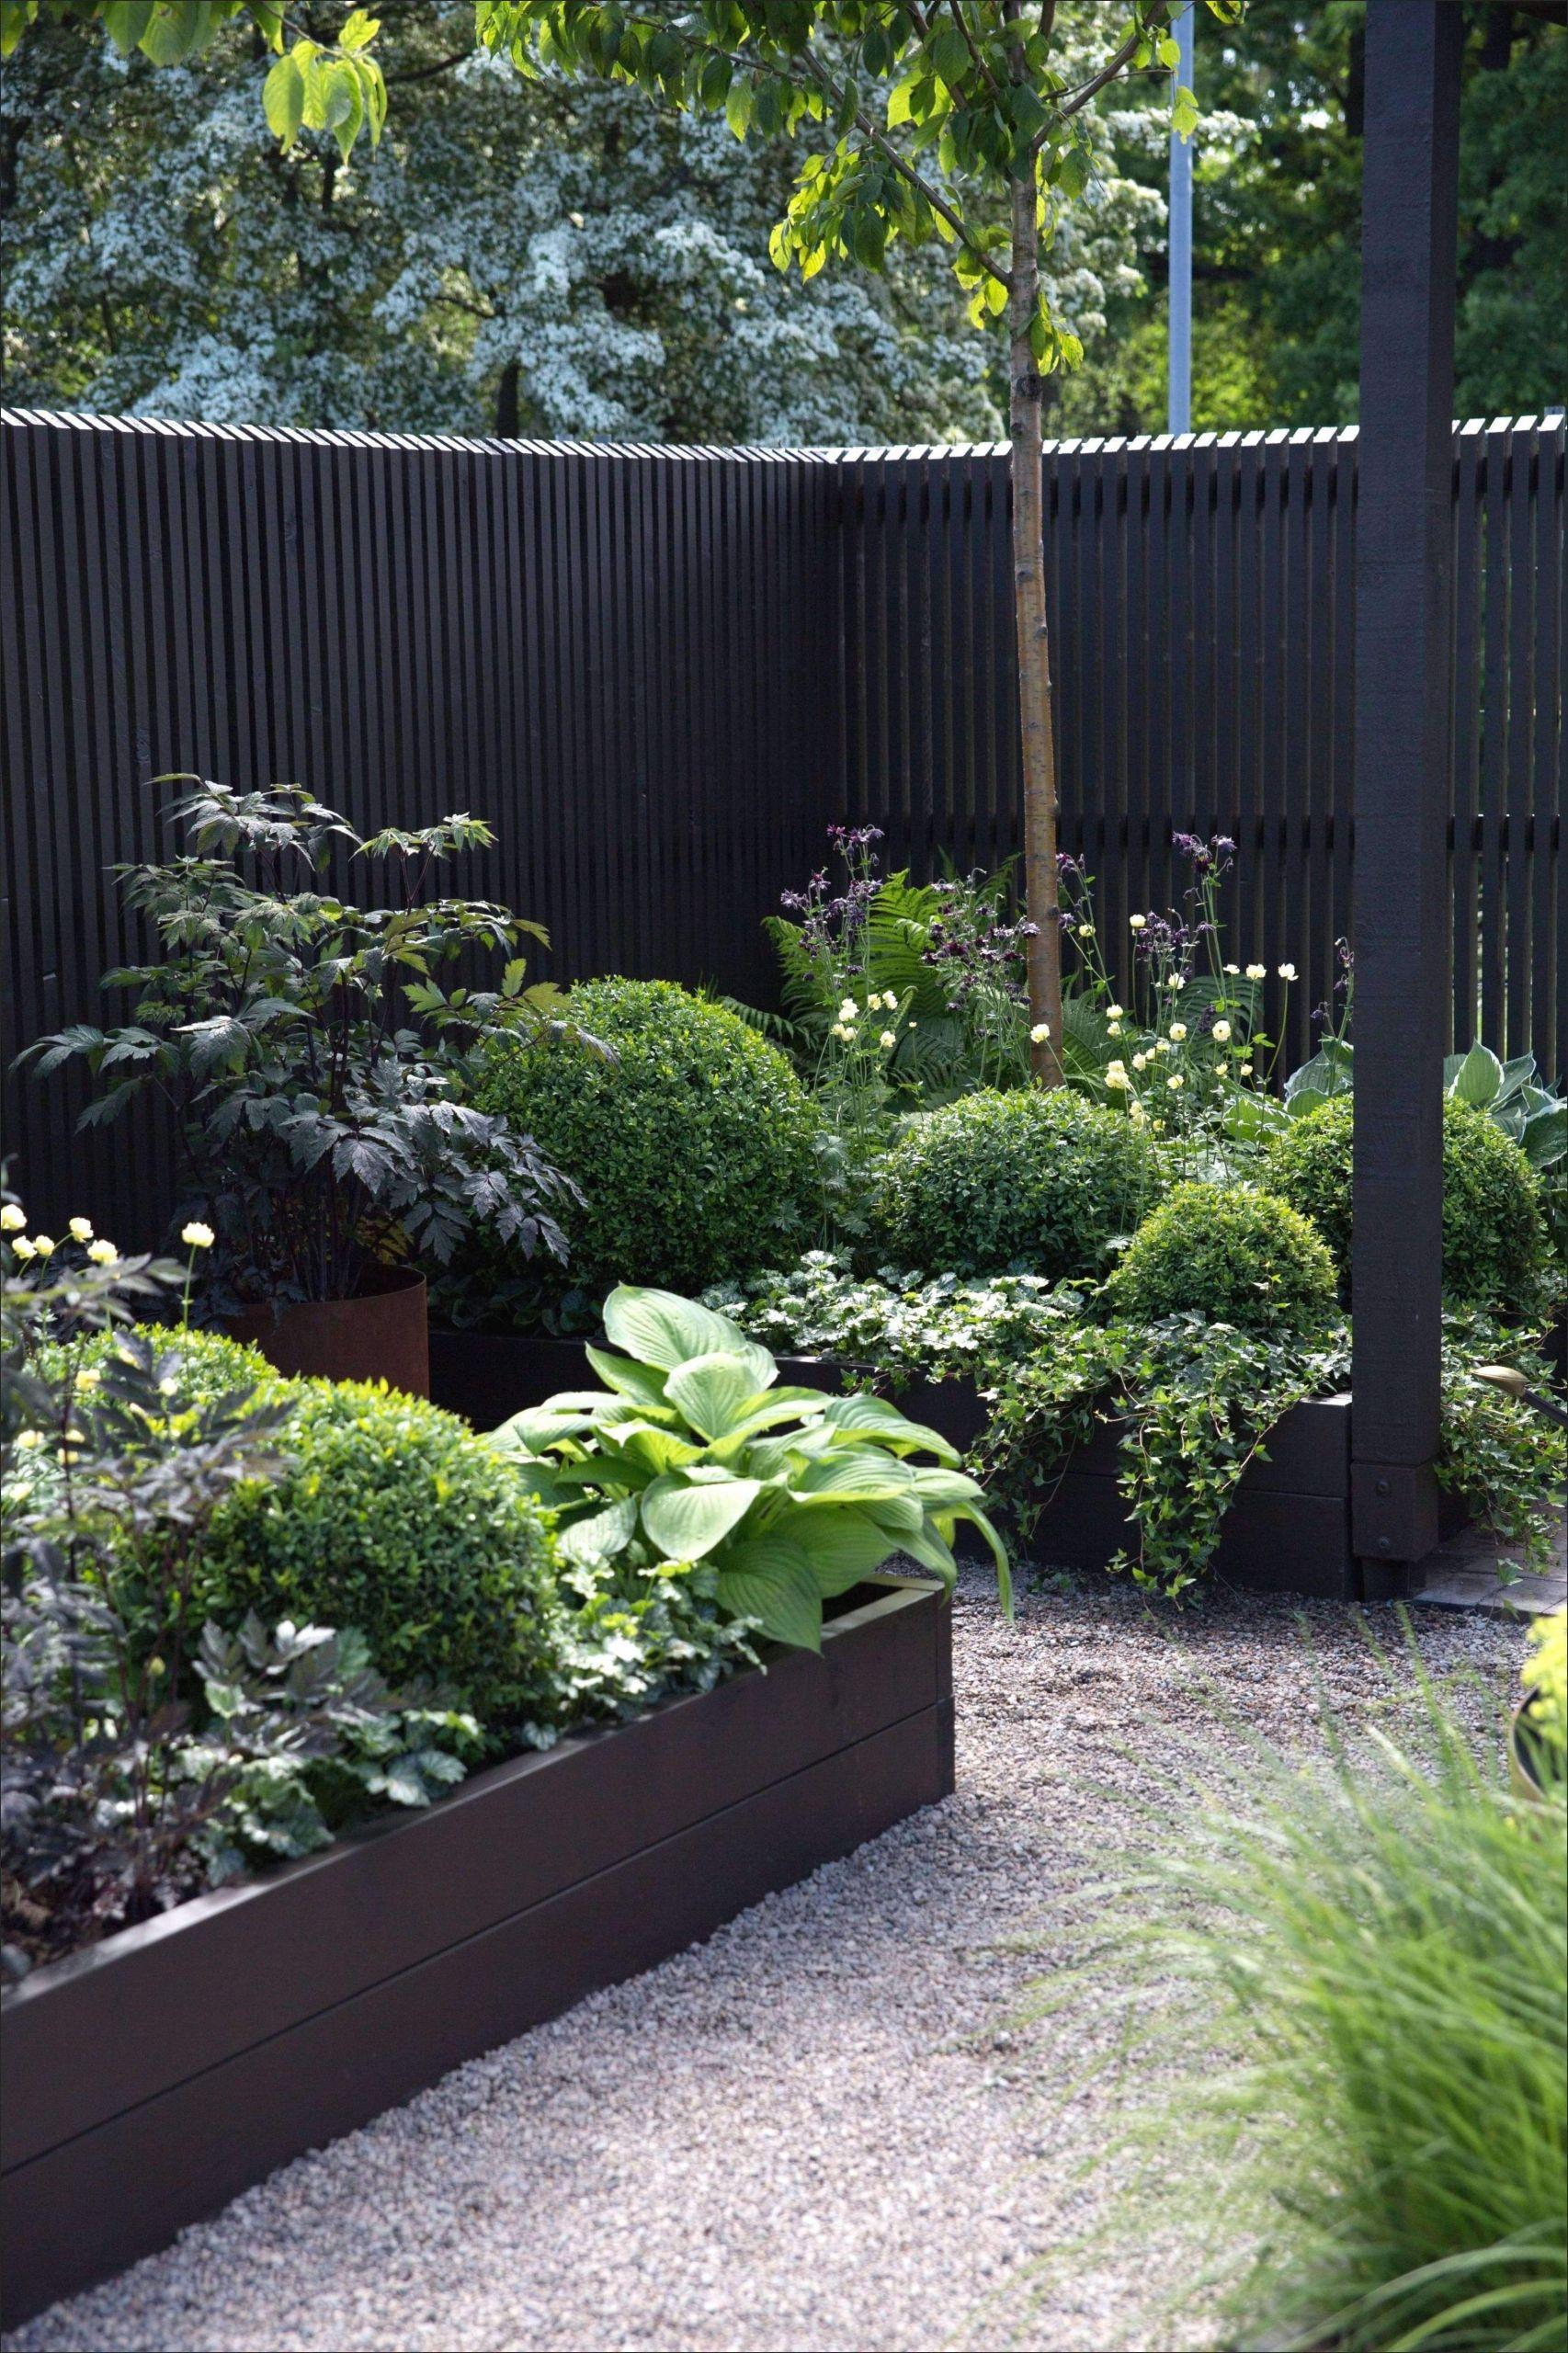 Günstige Pools Für Den Garten Reizend Große Gärten Gestalten — Temobardz Home Blog